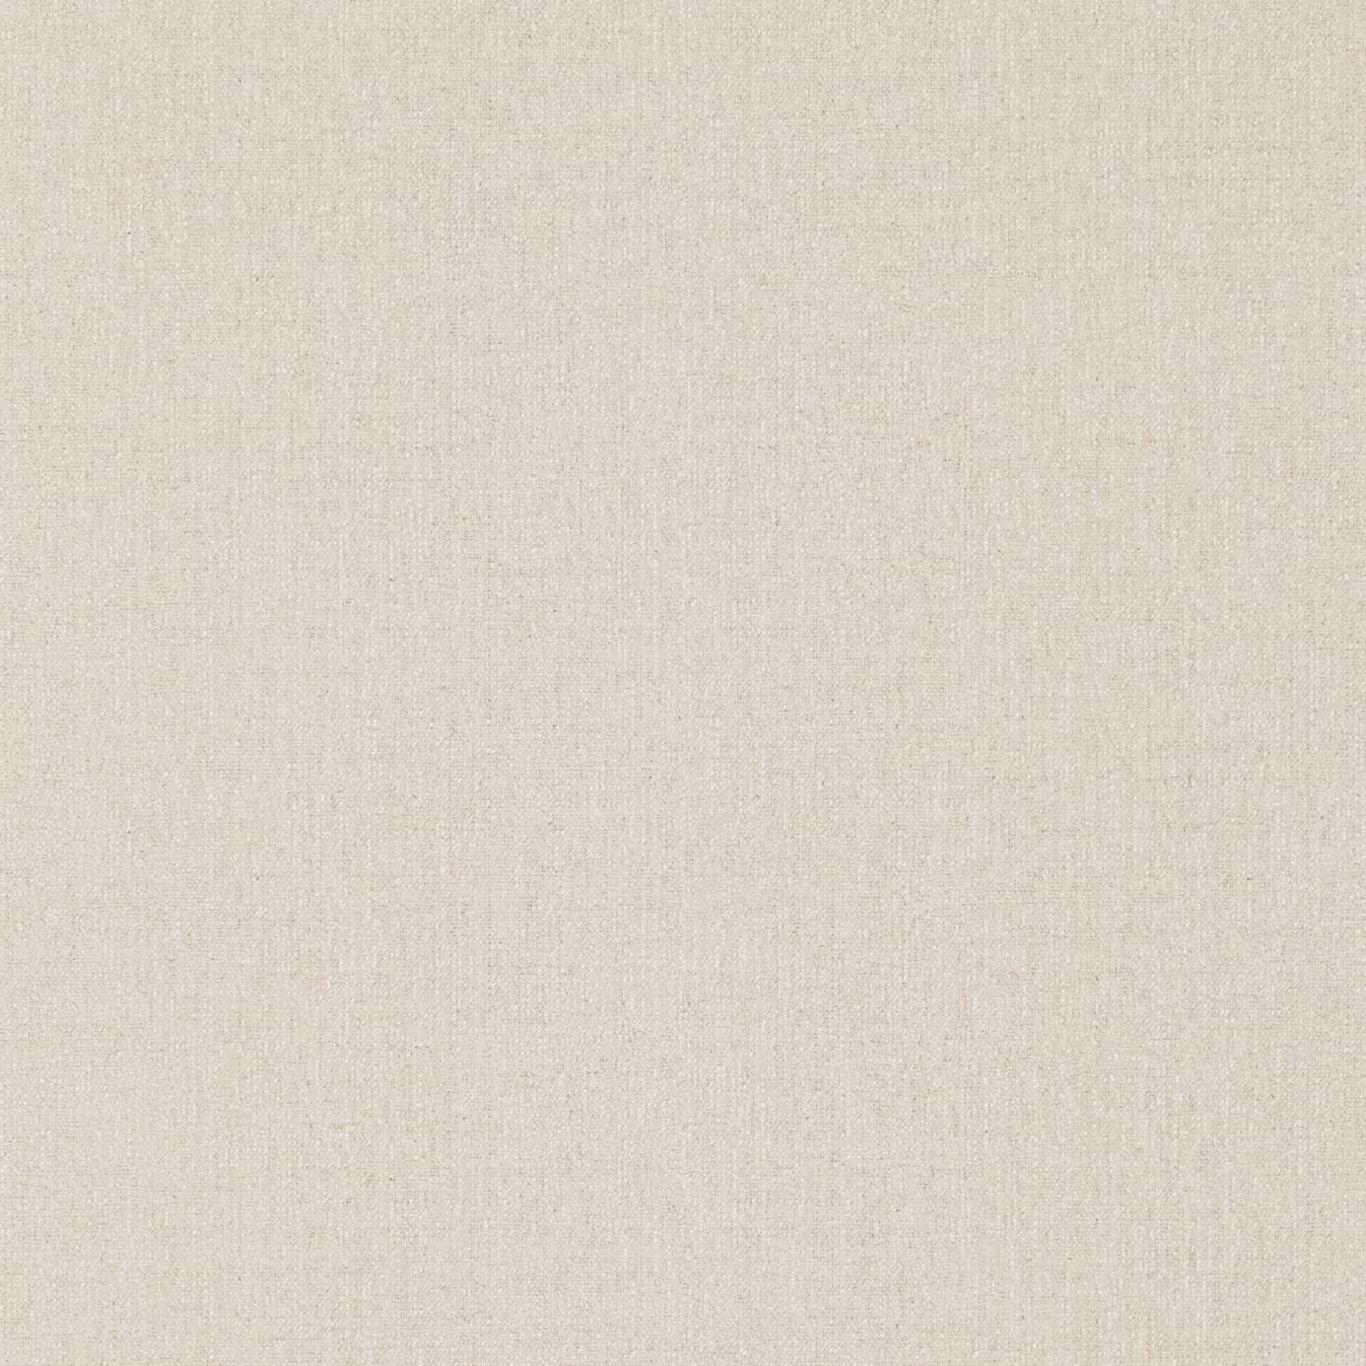 Soho Plain by SAN